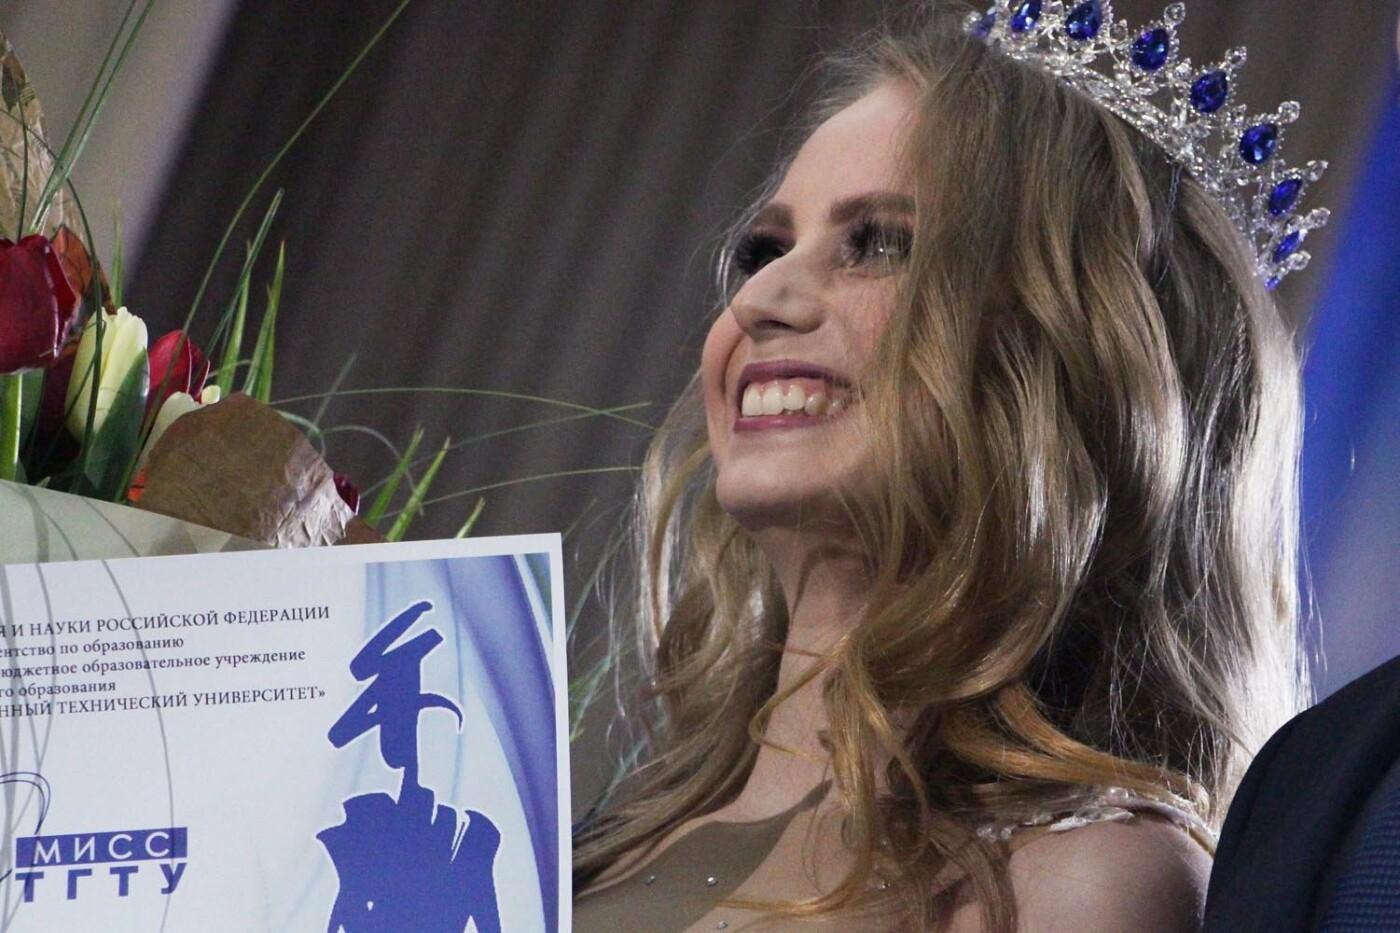 В техническом университете выбрали первую красавицу, фото-2